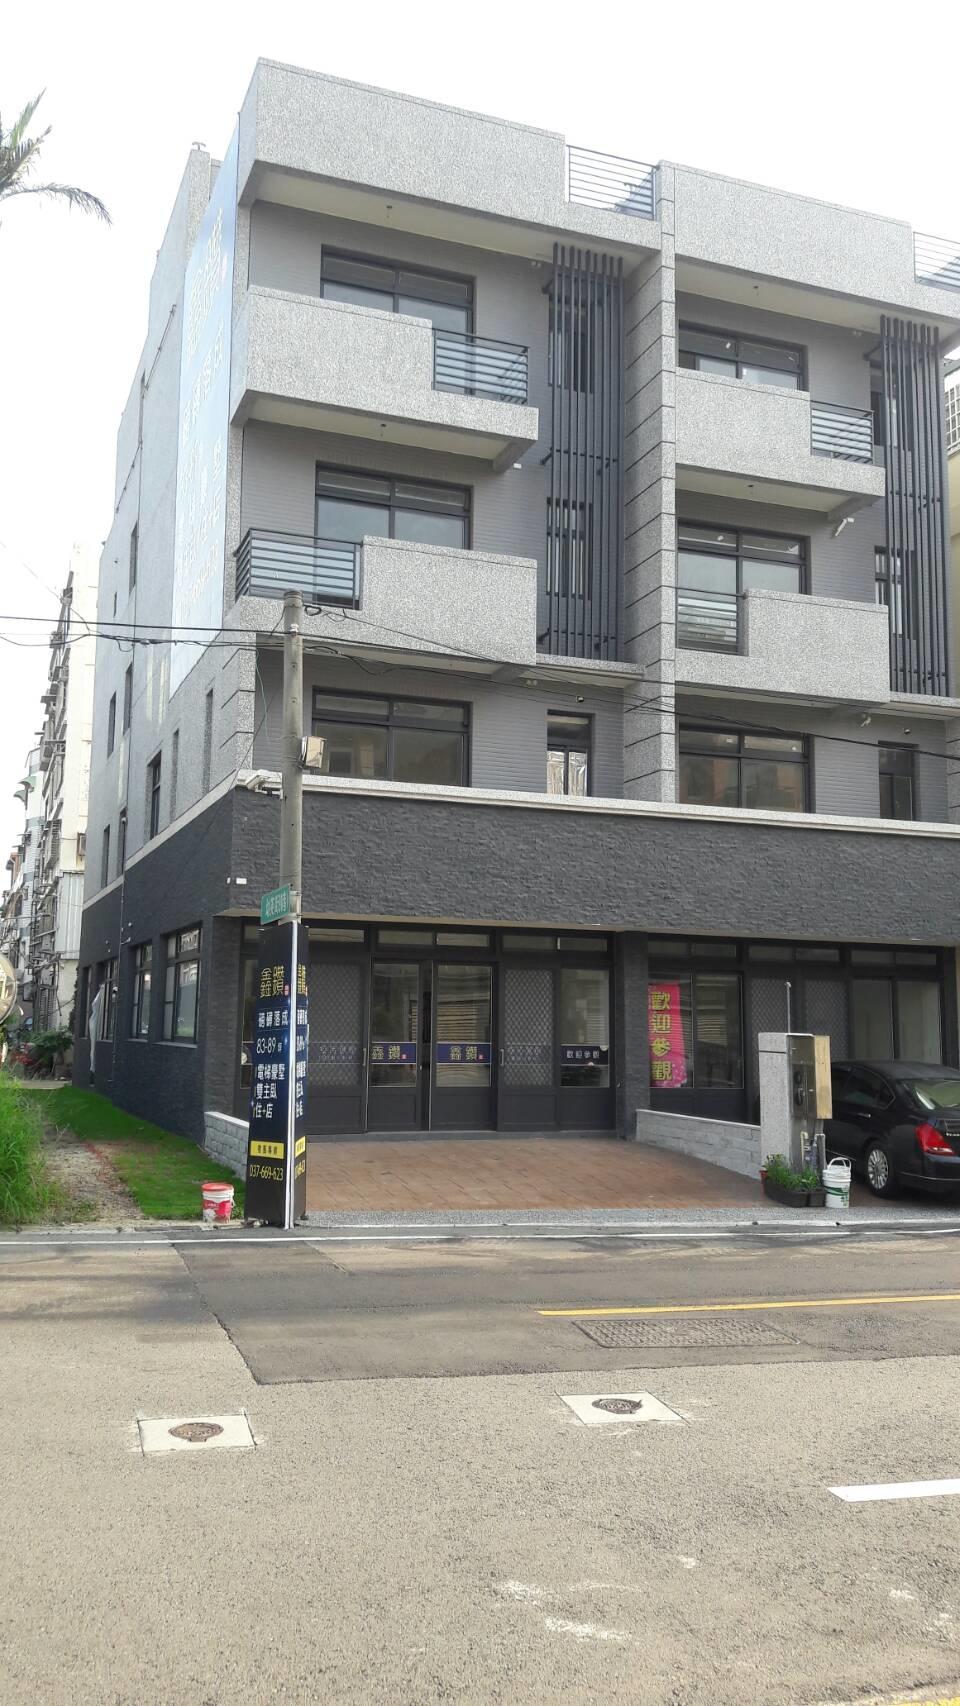 [頭份后庄]易鑫建設-鑫鑽(電梯透天) 20170619-02 (1).jpg